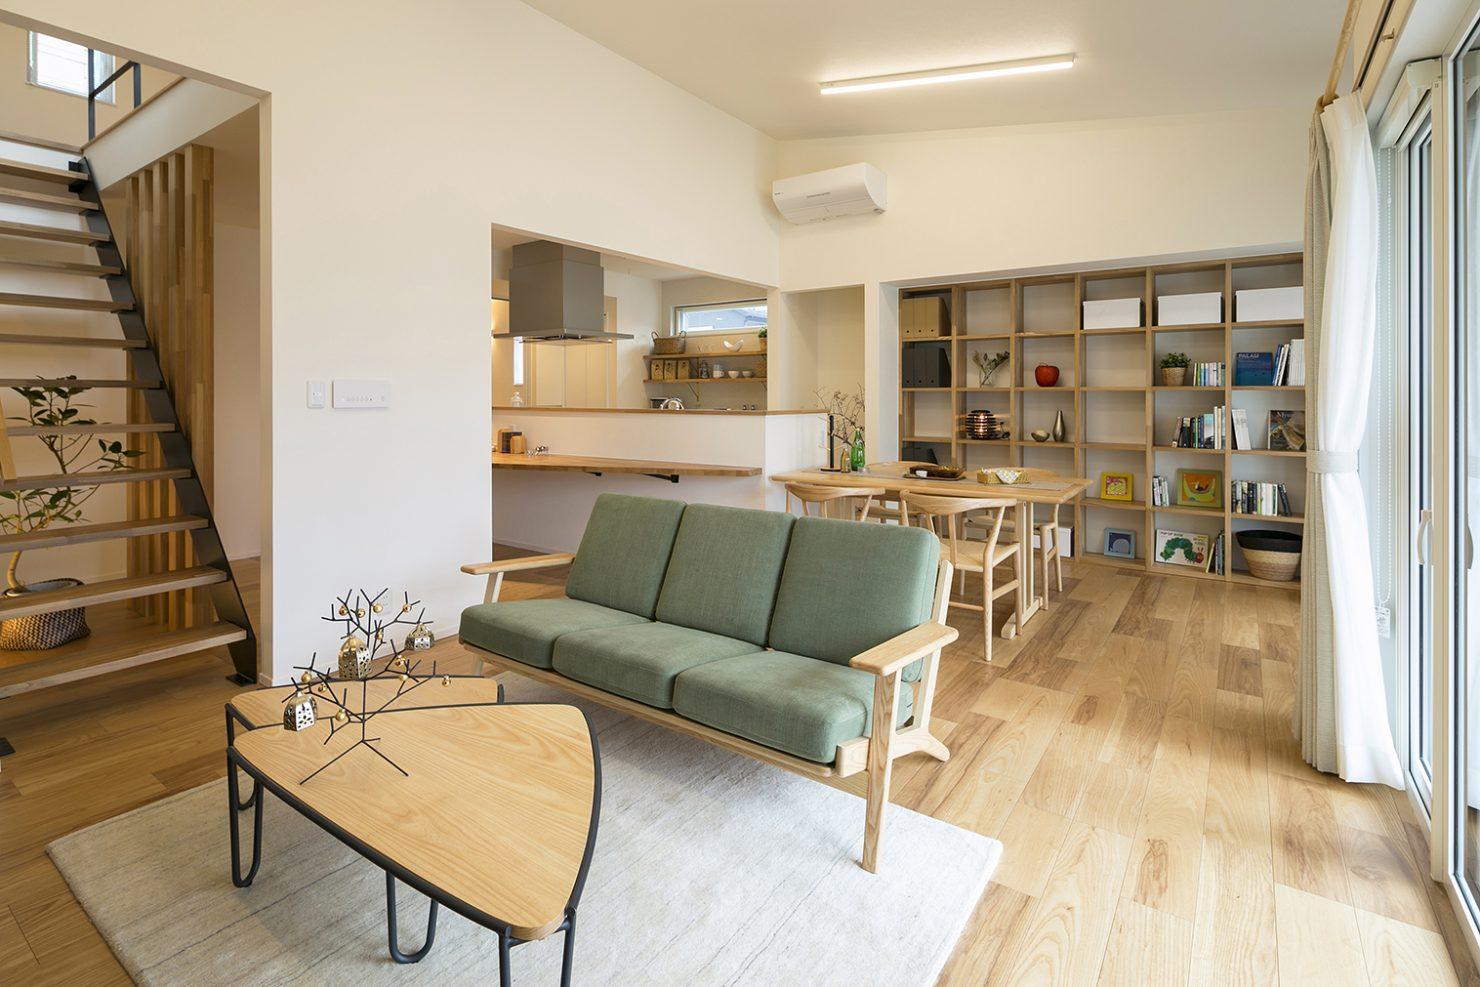 ハウスM21「時代に即した新たな形の「平屋」空間」リビング写真